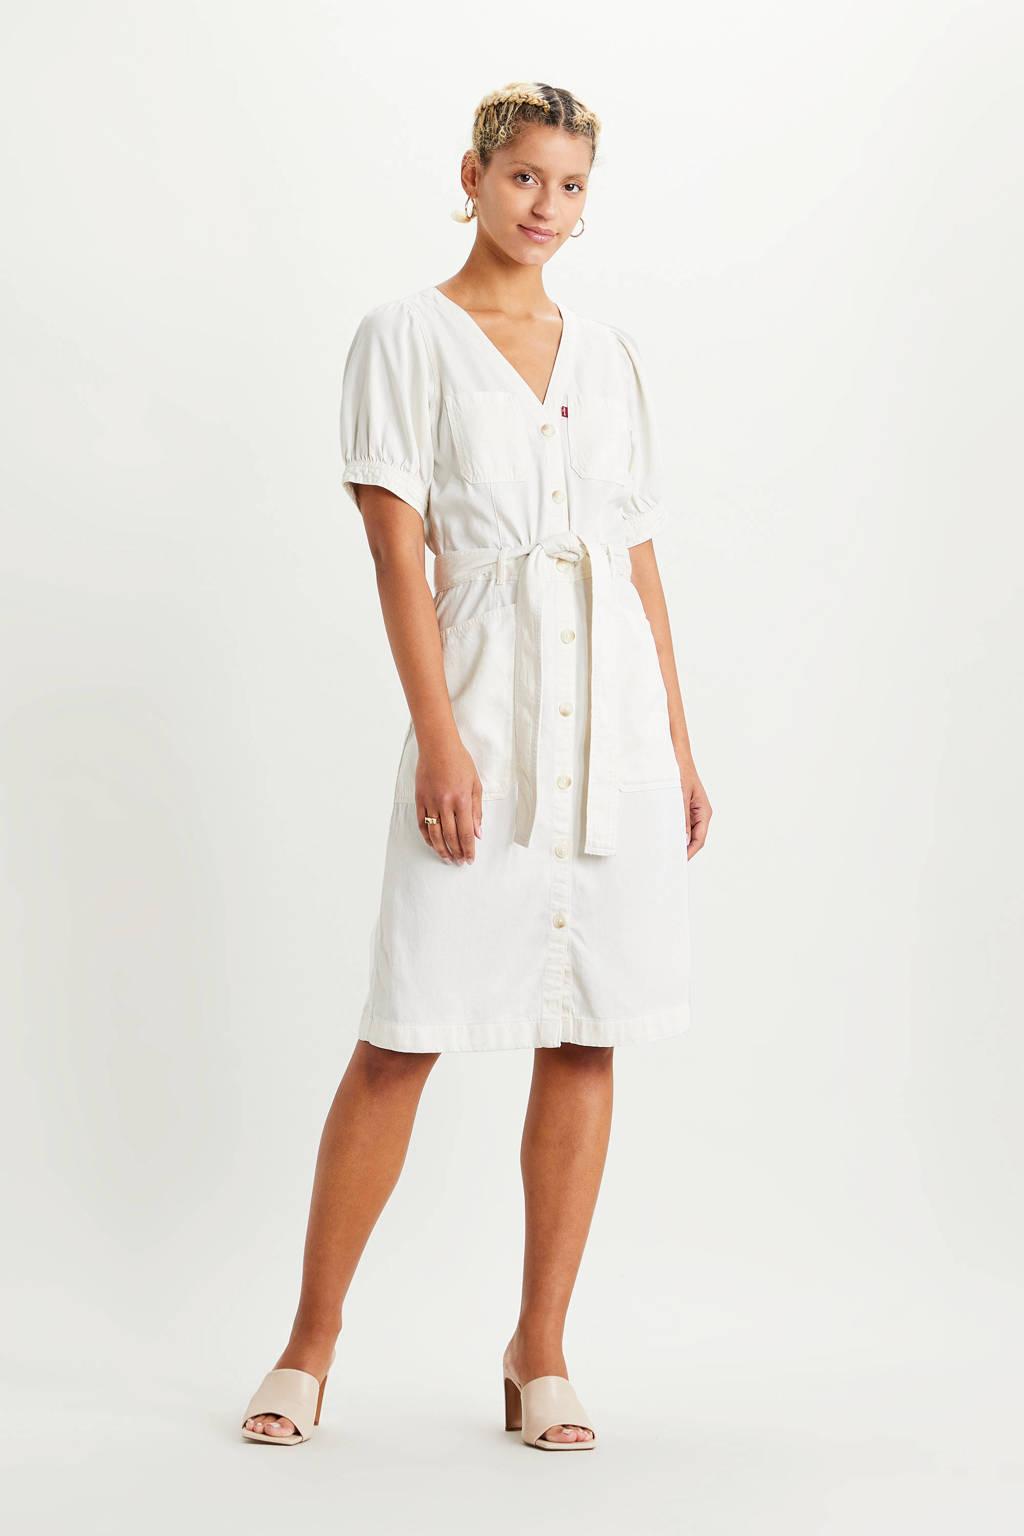 Levi's jurk Bryn met ceintuur off white, Off White